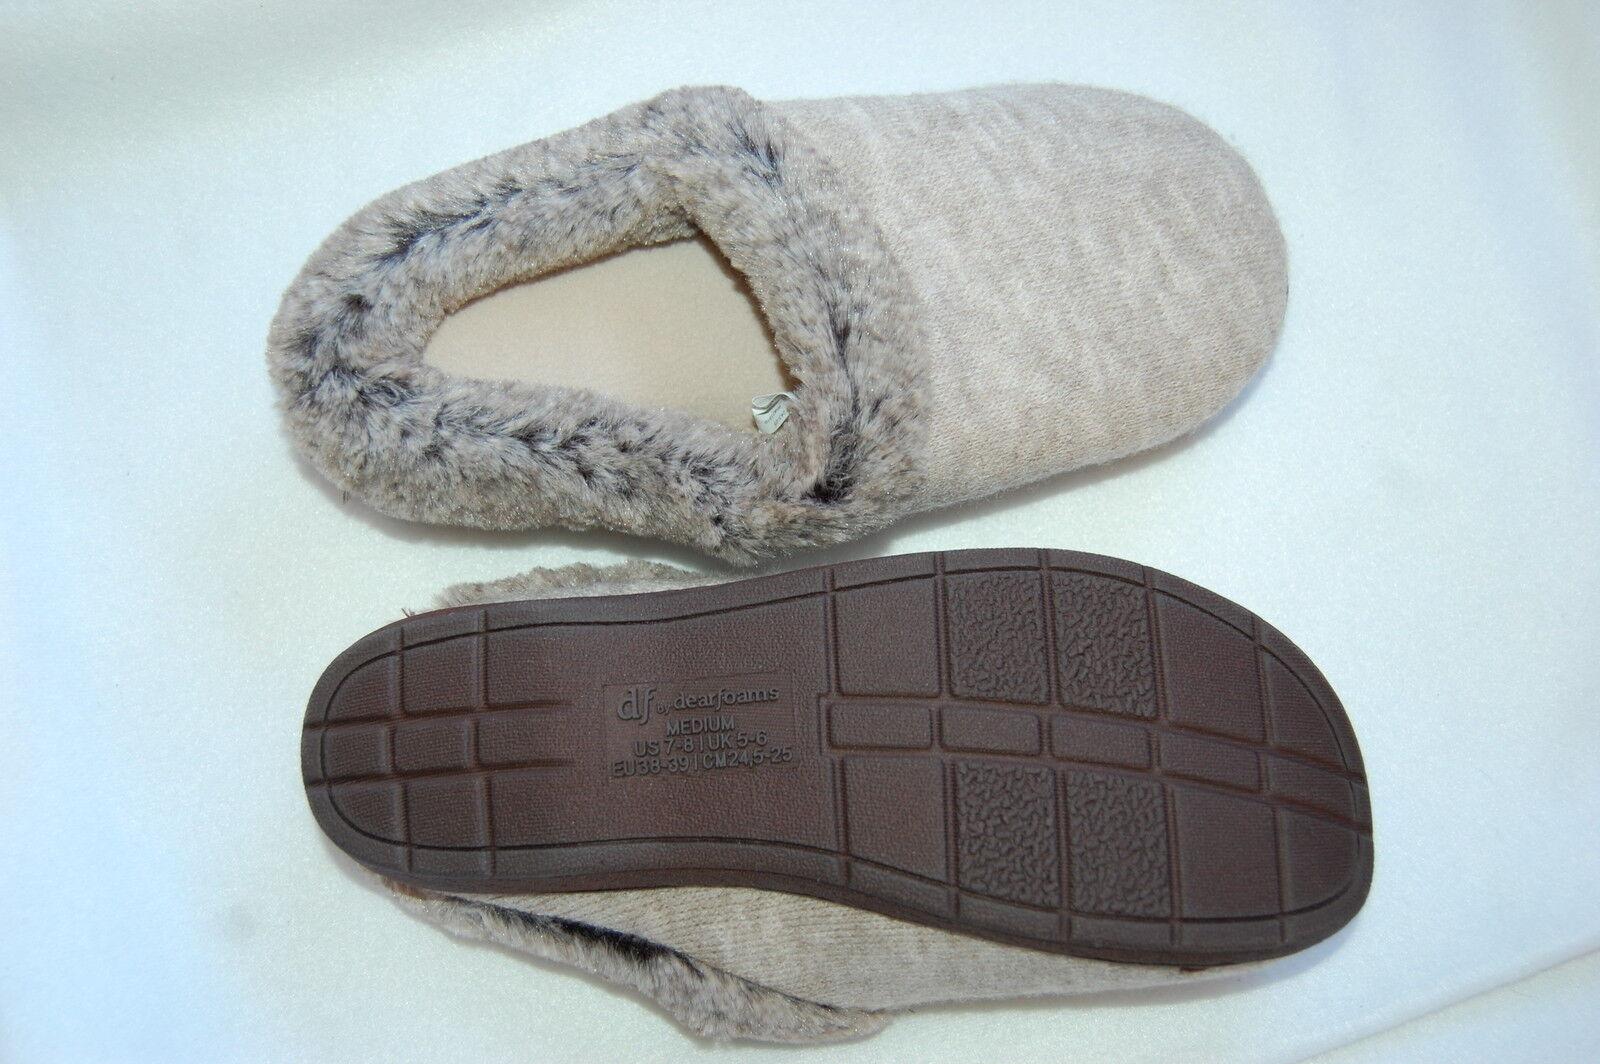 Womens Dearfoam Slippers OATMEAL GRAY In/ Outdoor COMFORT CUSHION Slip On L 9-10